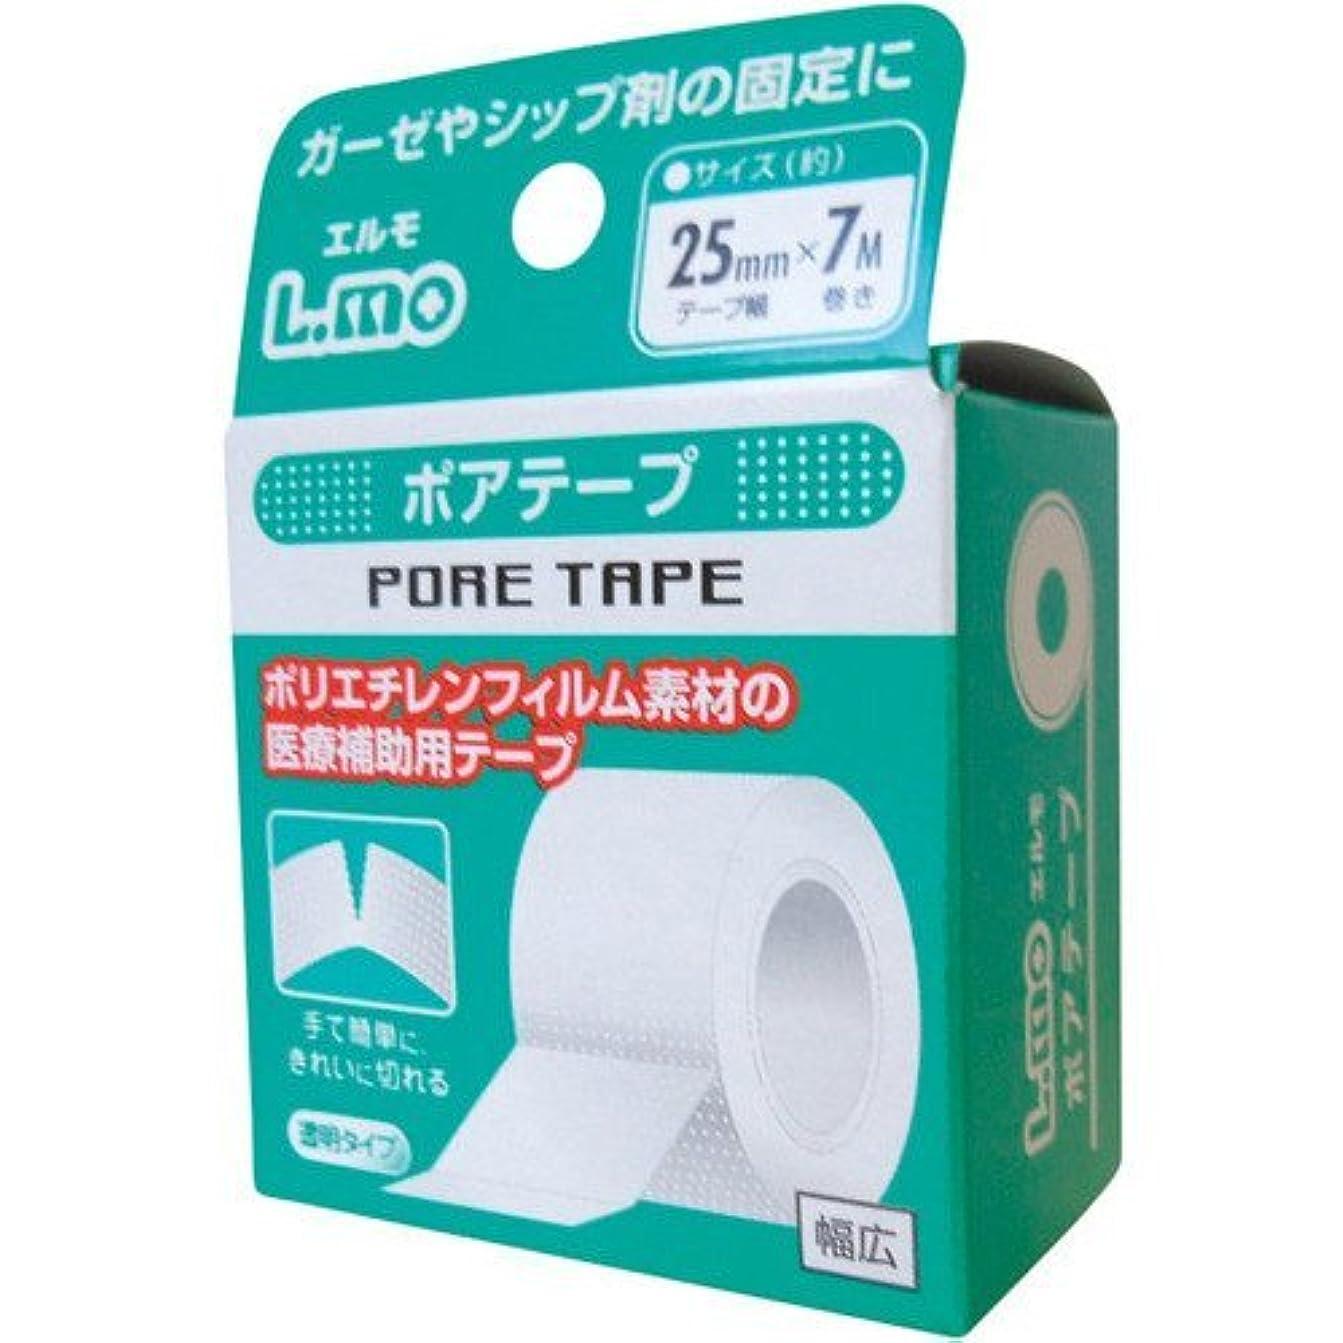 ペナルティ傘調整エルモ ポアテープ 25mm×7m